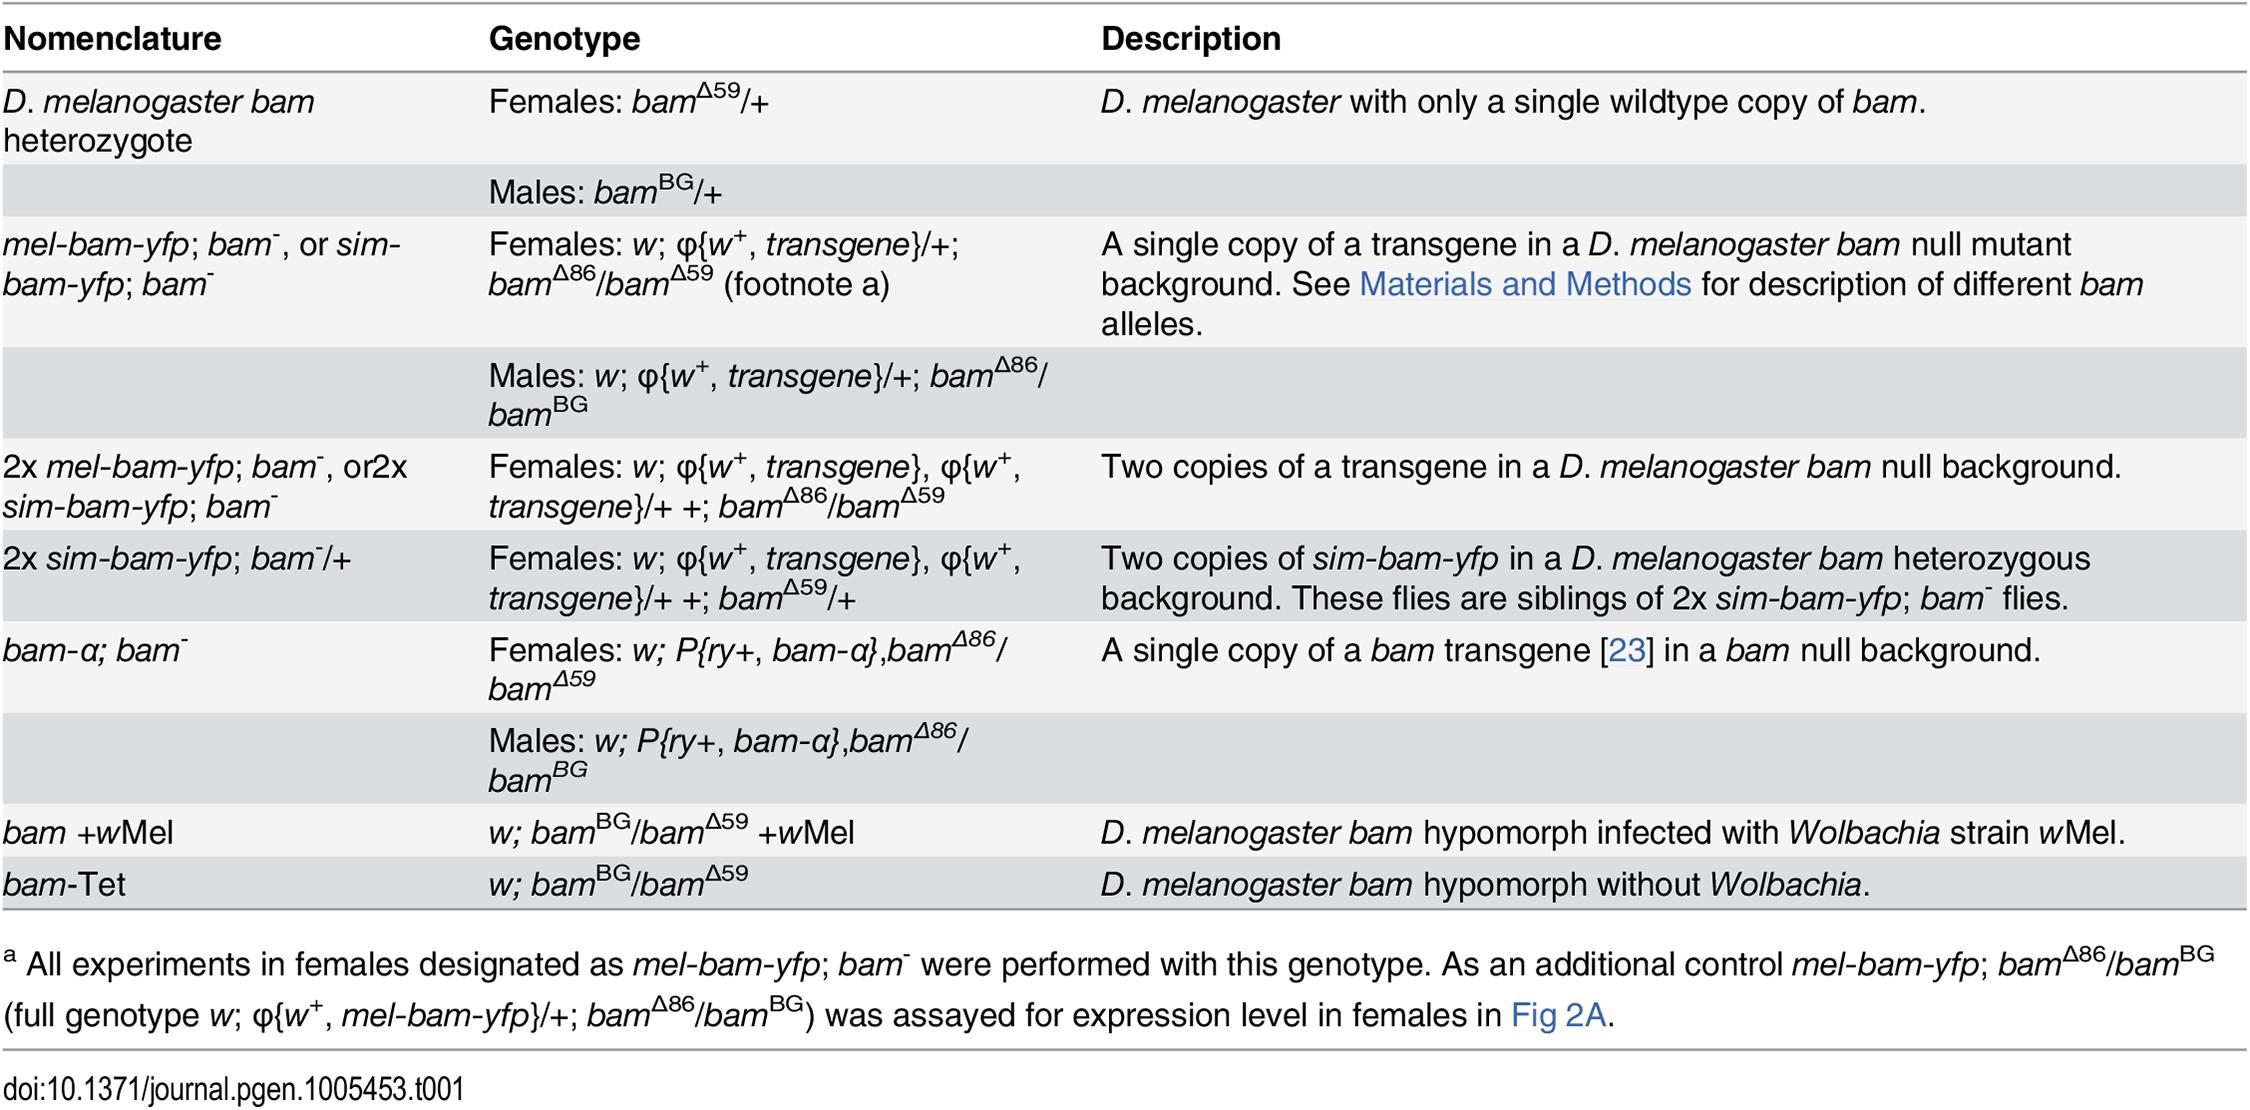 Nomenclature.